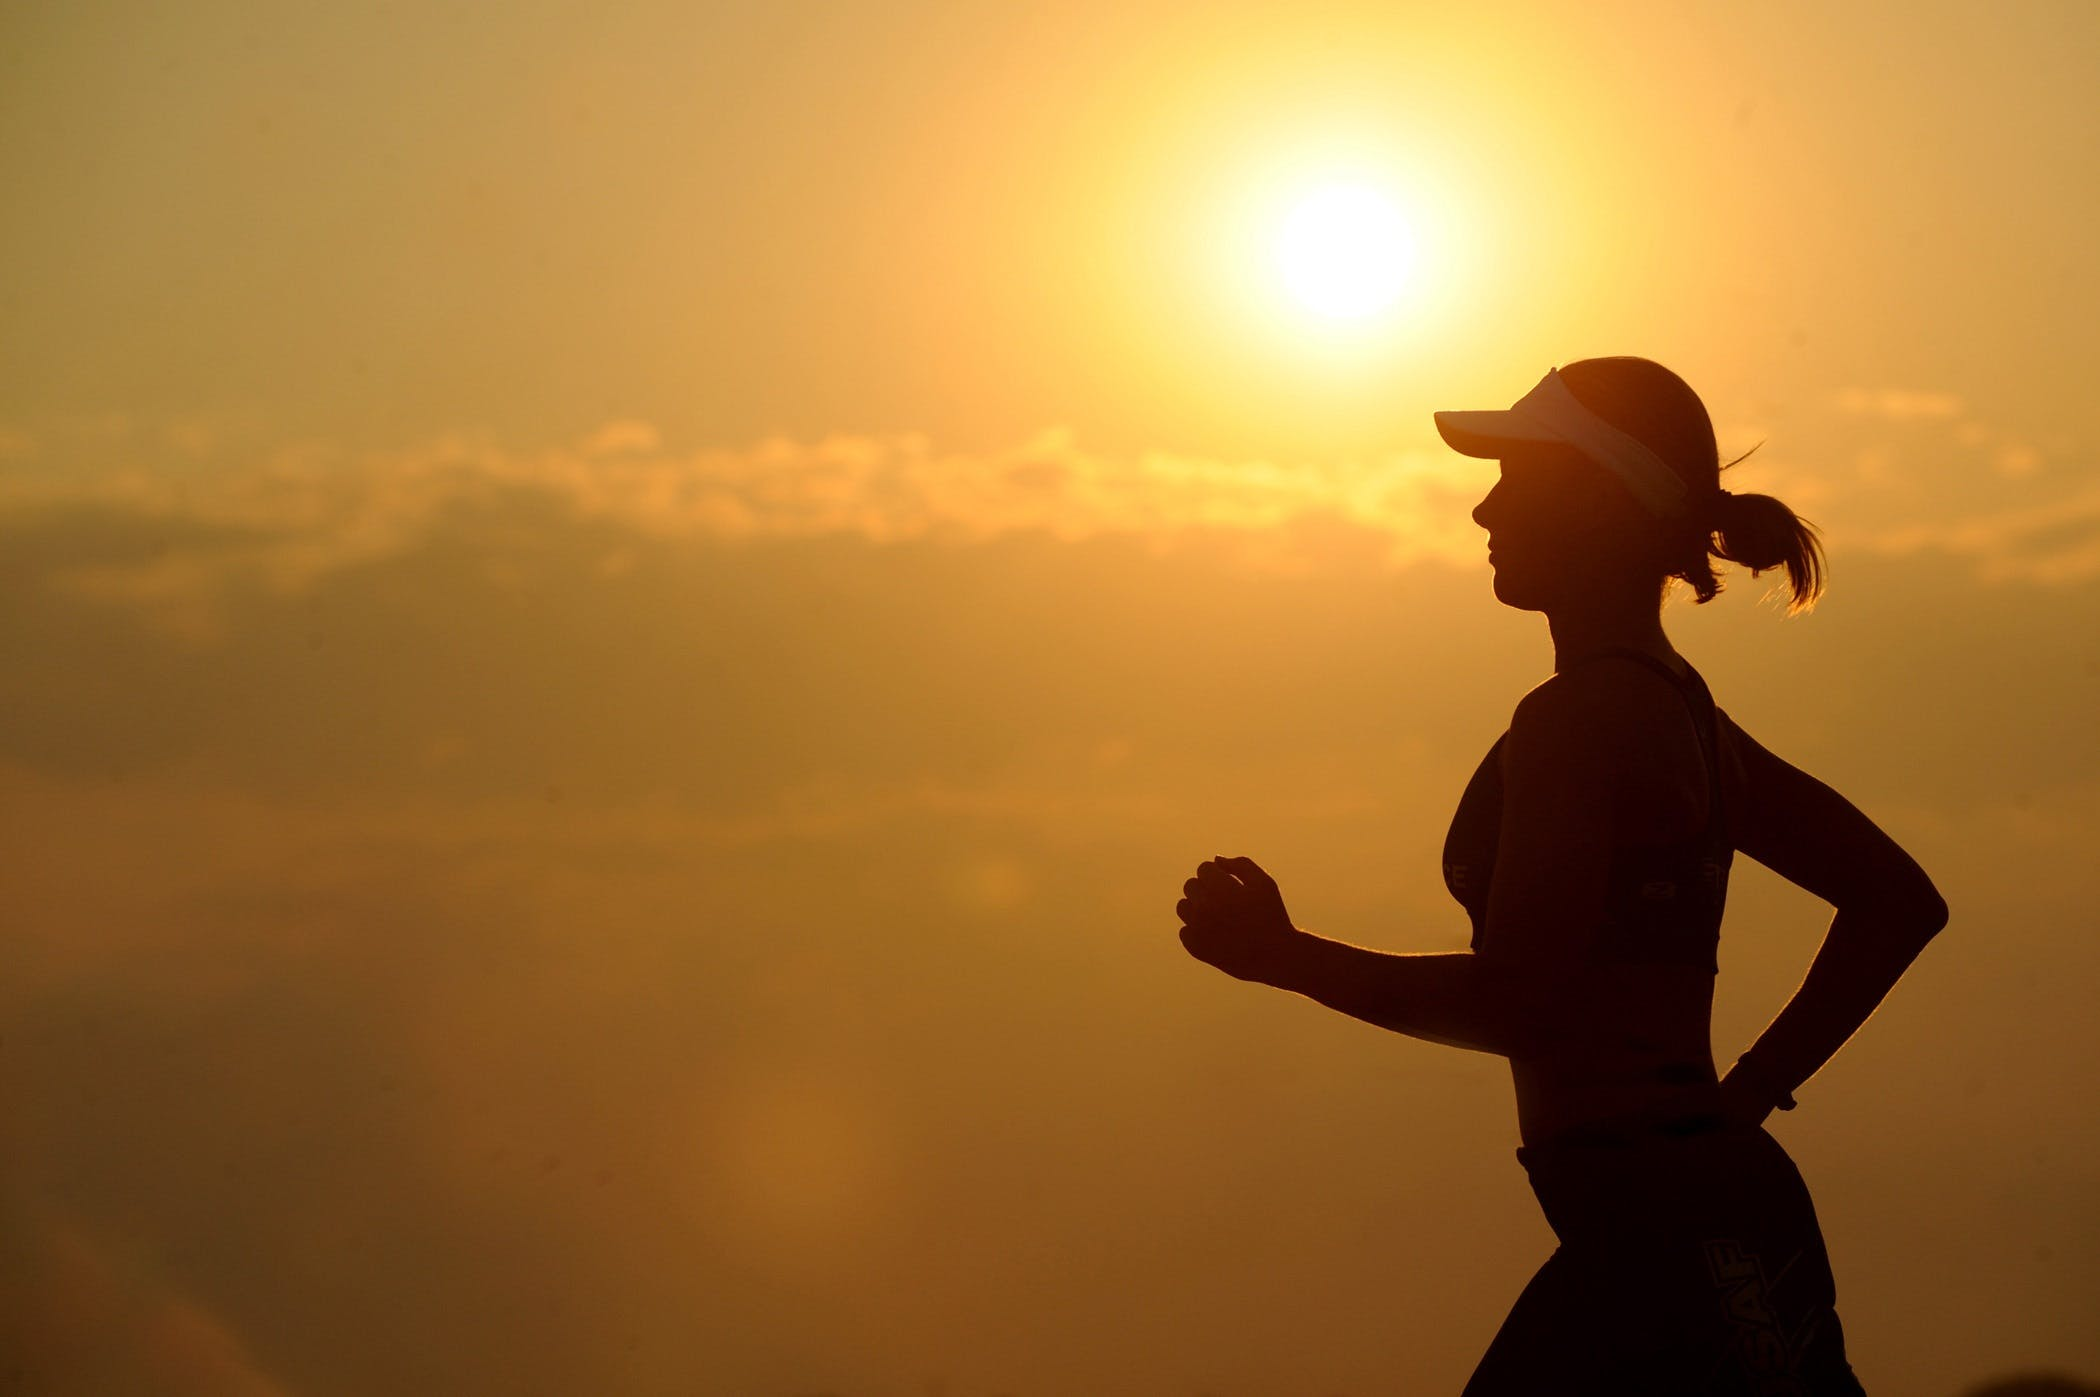 Δωρεάν στοκ φωτογραφιών με Ανατολή ηλίου, άνθρωπος που κάνει τζόκινγκ, αντοχή, γυναίκα